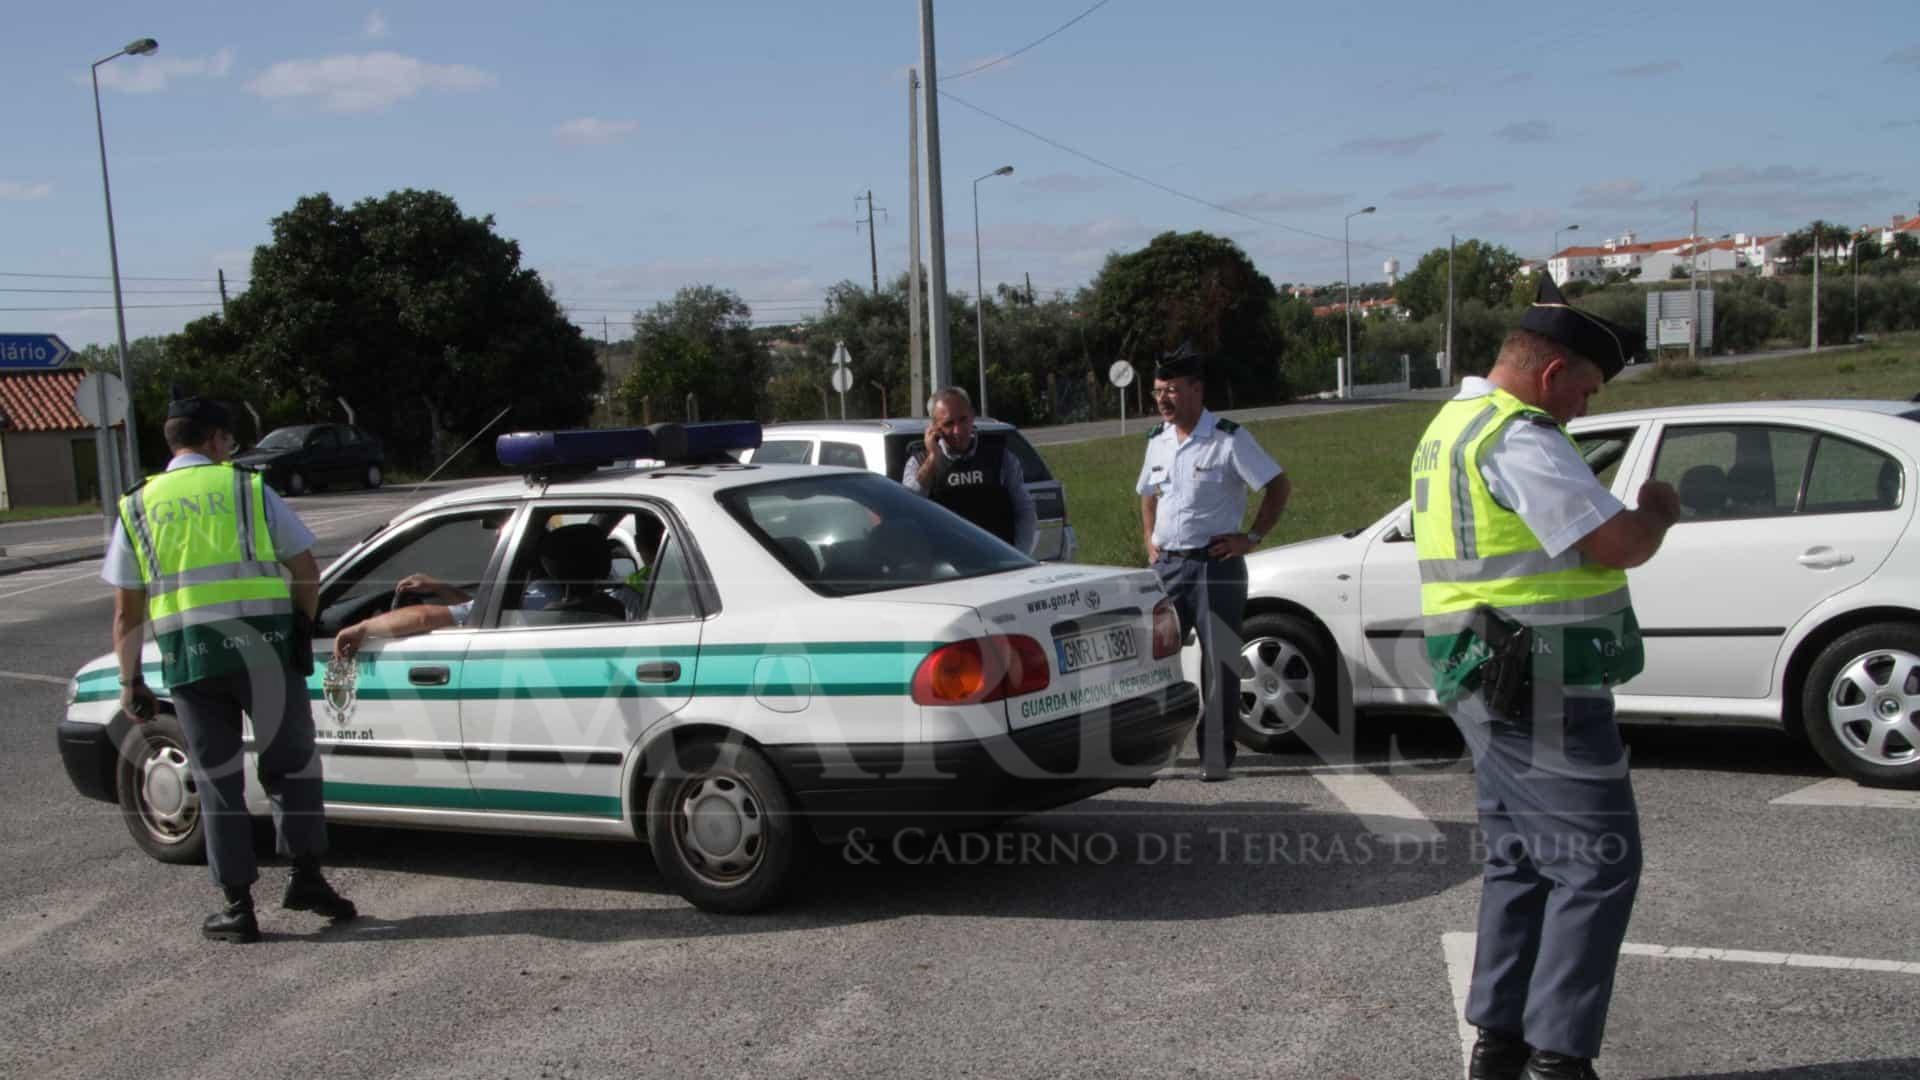 CRIME (Amares): Jovem com 21 anos detido na posse de plantas de cannabis na bagageira do carro